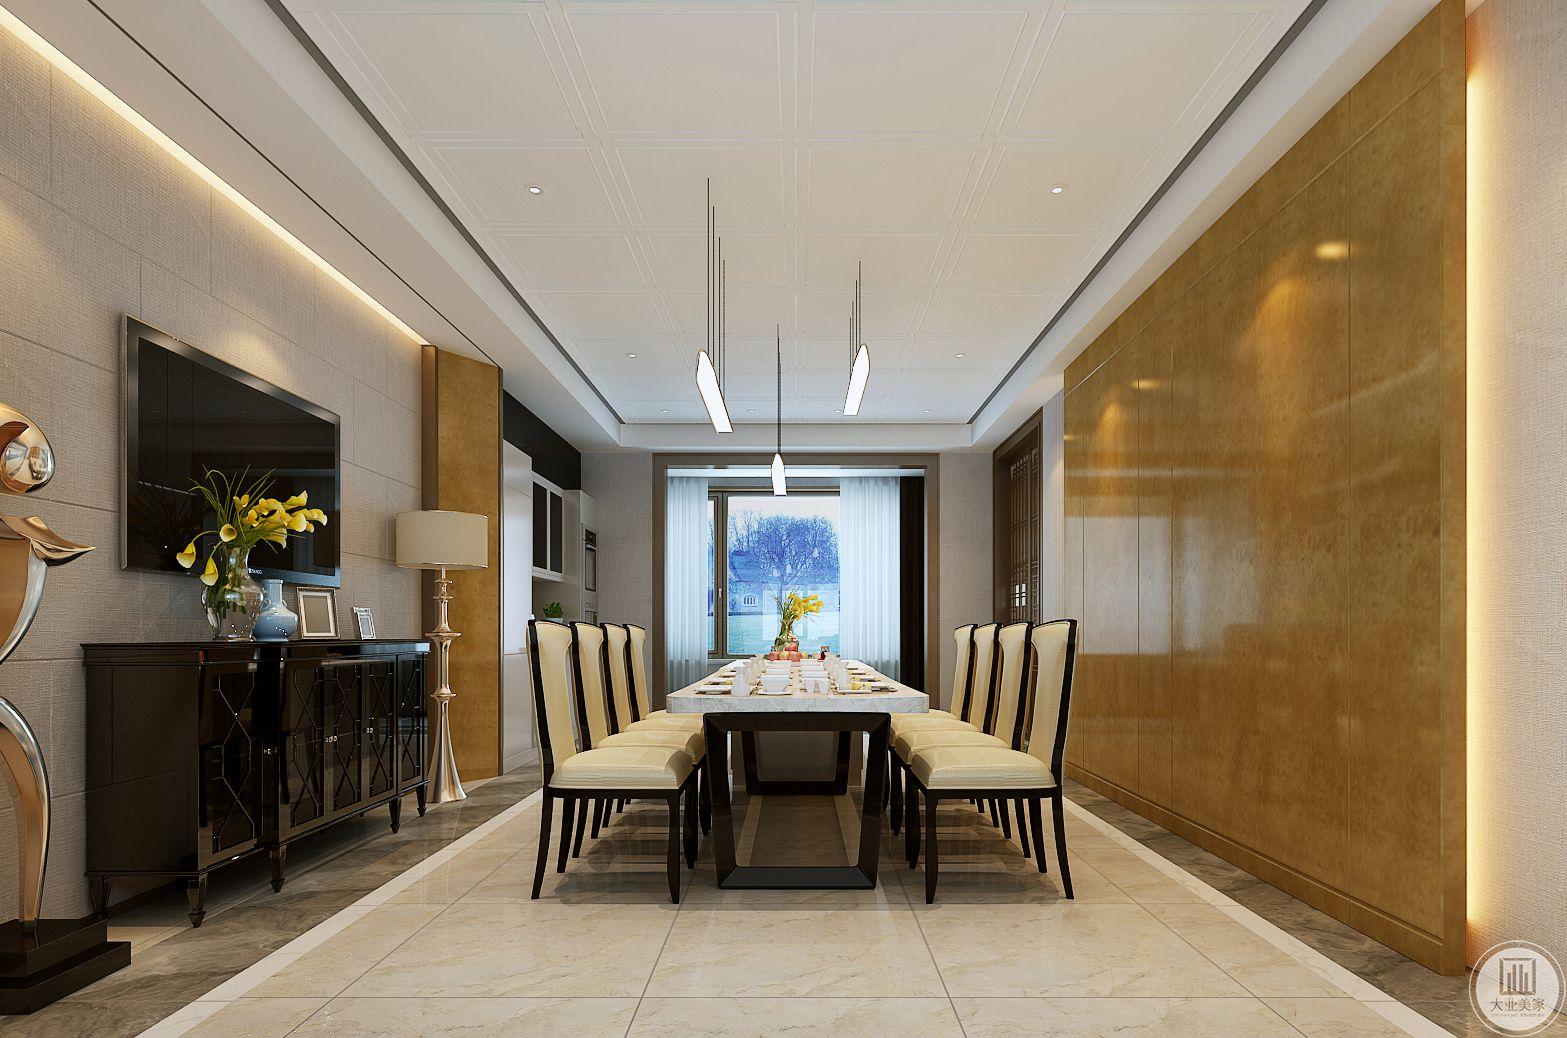 餐厅的餐桌采用现代简约的风格,一侧的墙面采用电视搭配黑色电视柜,墙面采用木纹砖装饰。